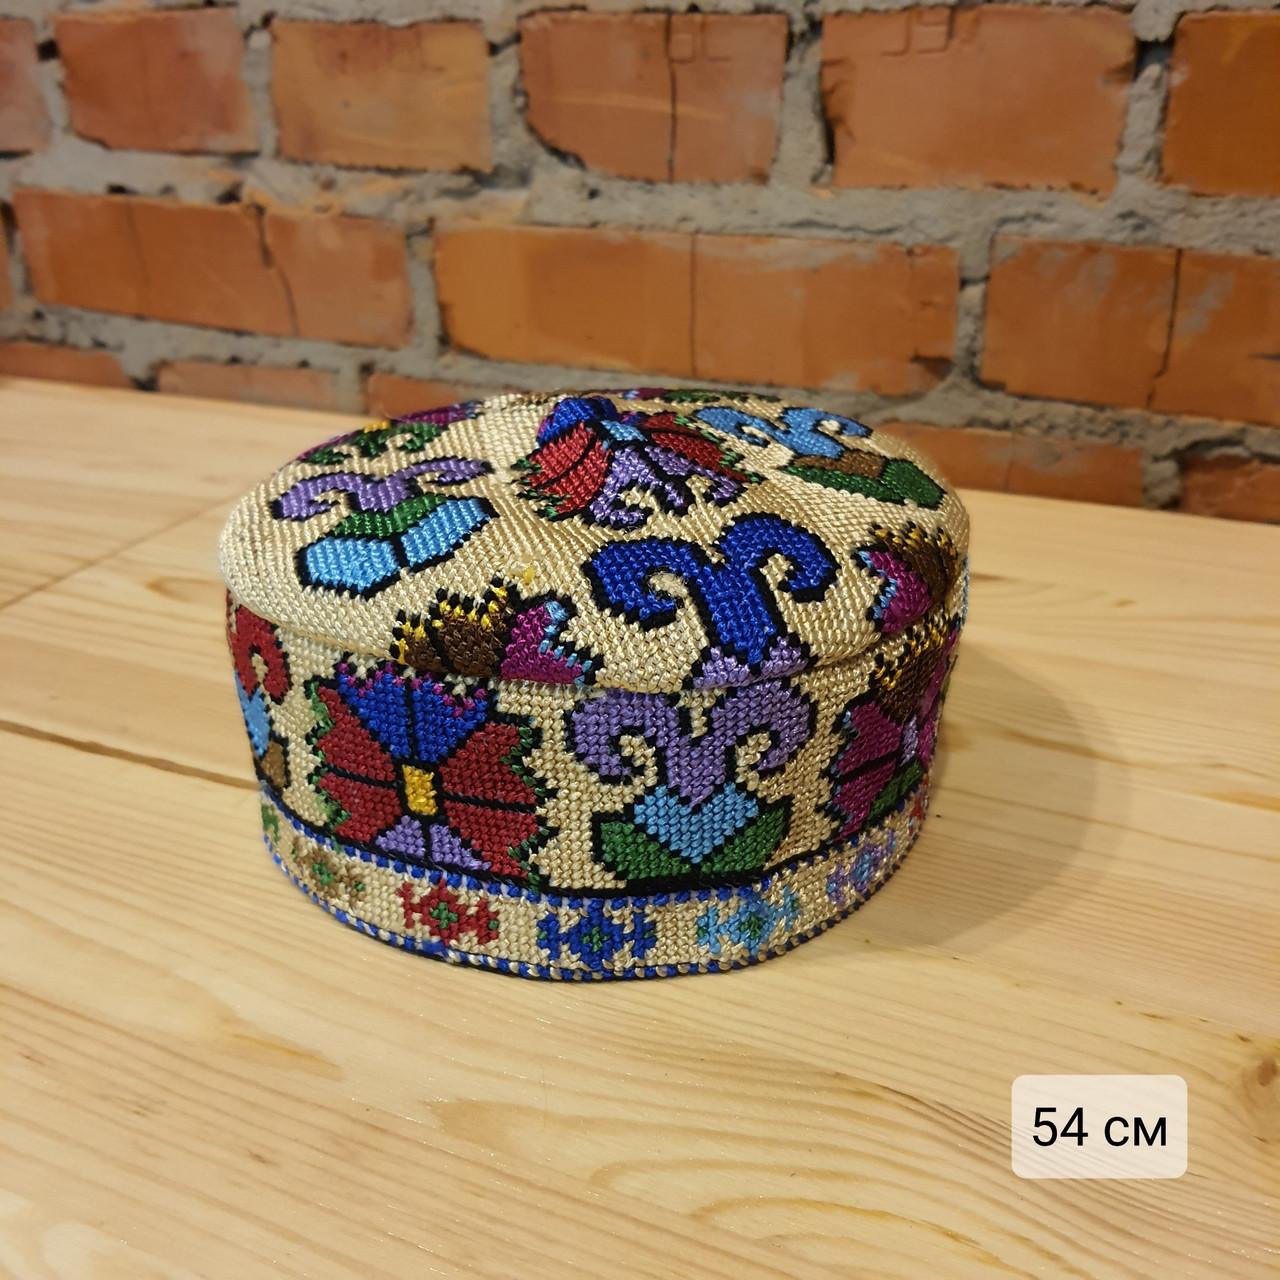 Узбекская тюбетейка 54 см. Ручная вышивка. Узбекистан (42)